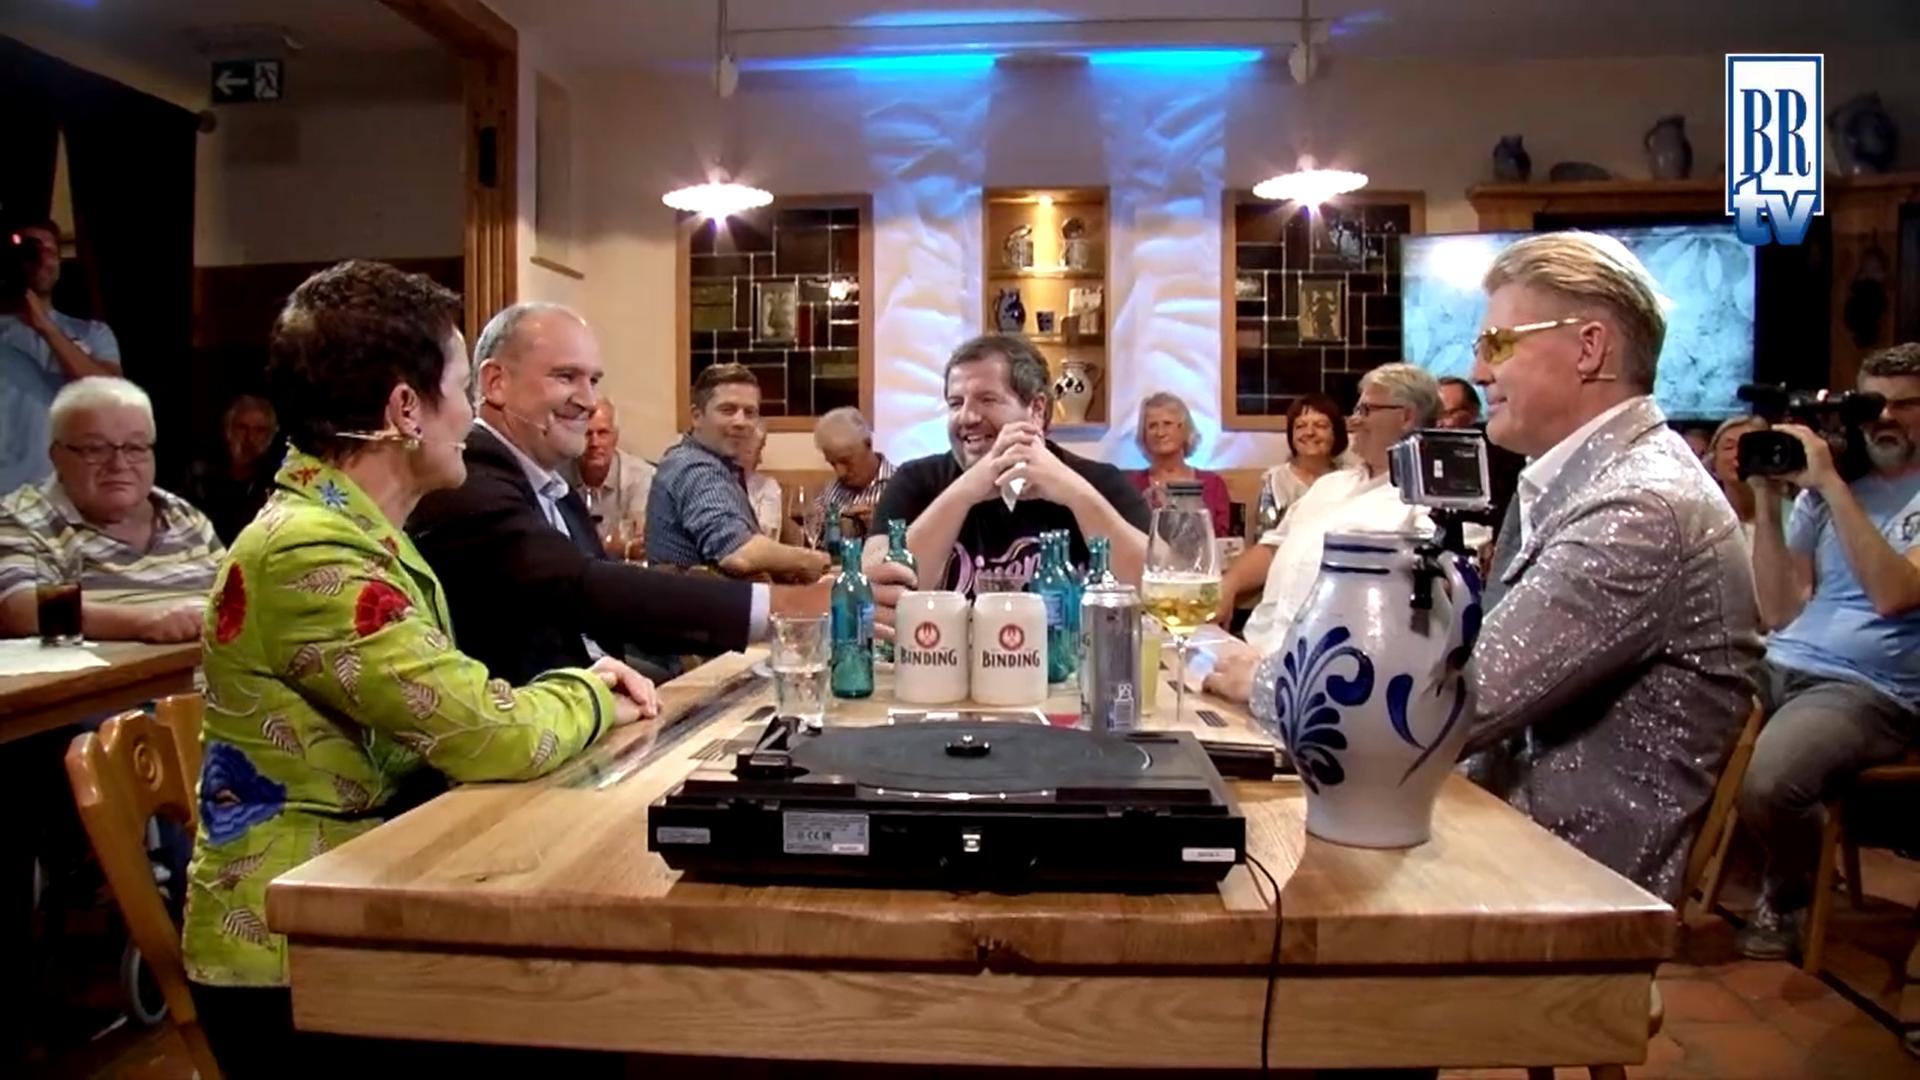 Bembel & Gebabbel – Folge 27 mit Rosemarie Heilig, Markus & Jörg Schmadtke